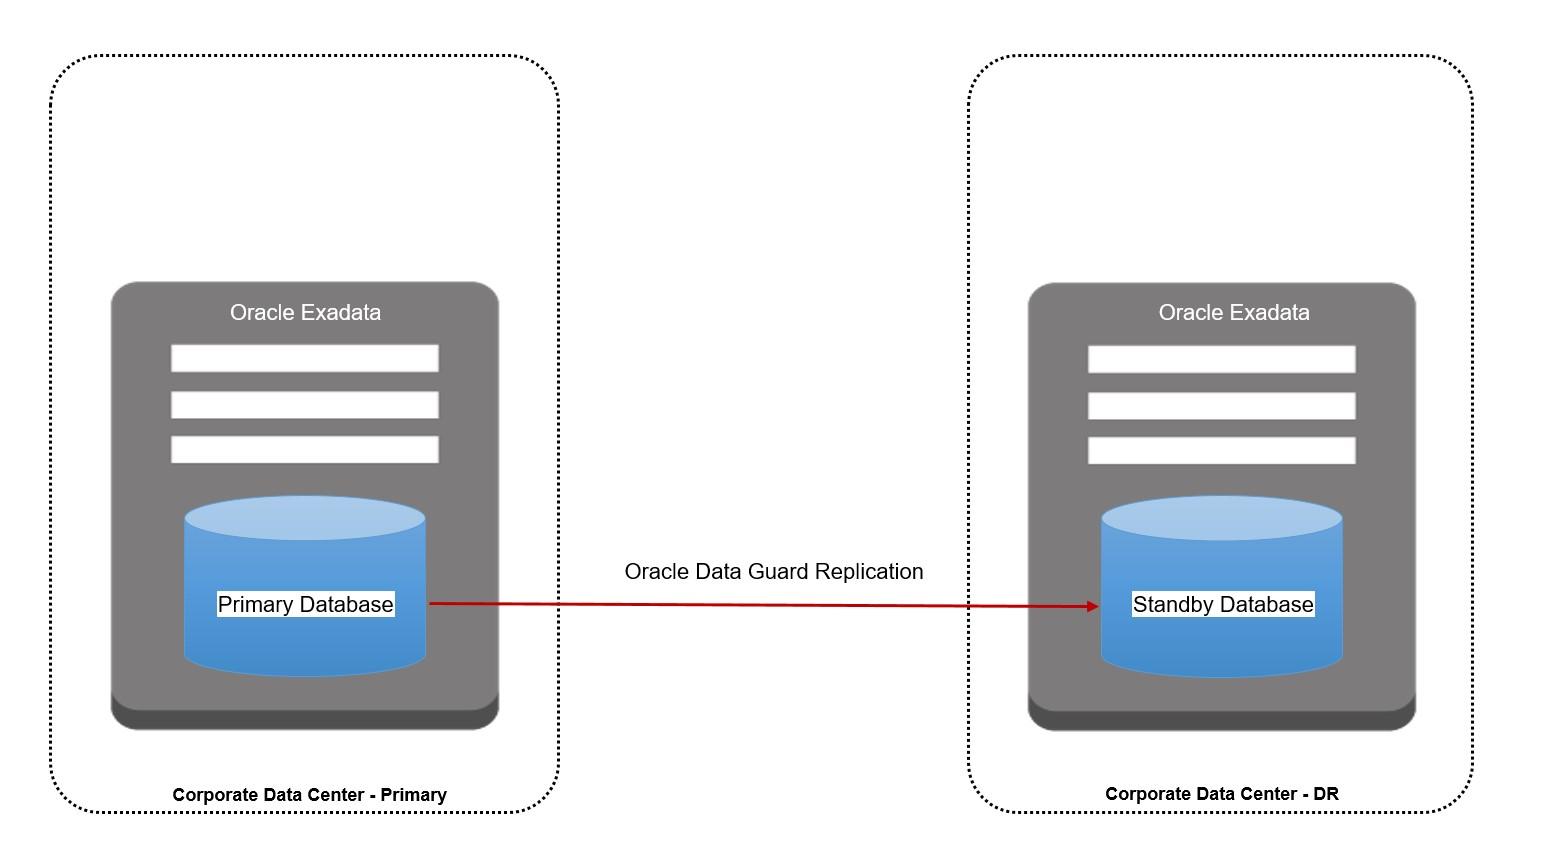 Oracle Data Gaurd Replication